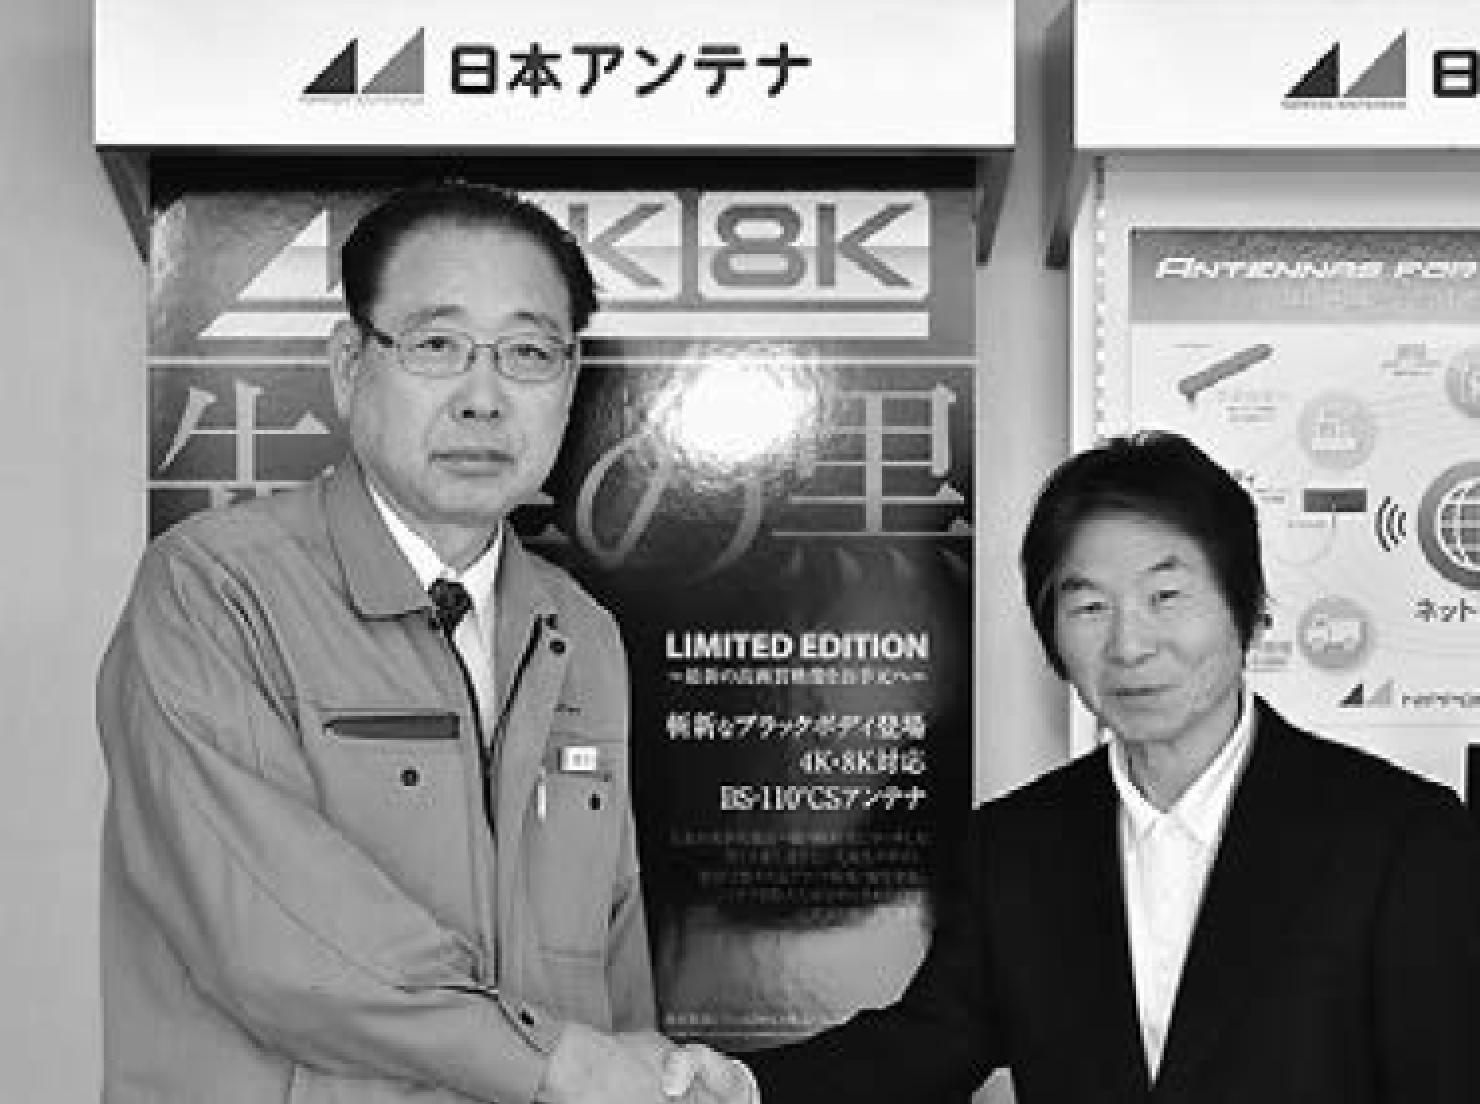 【日本アンテナ】超高精度電波測定設備によるミリ波アンテナの性能評価を実施の画像